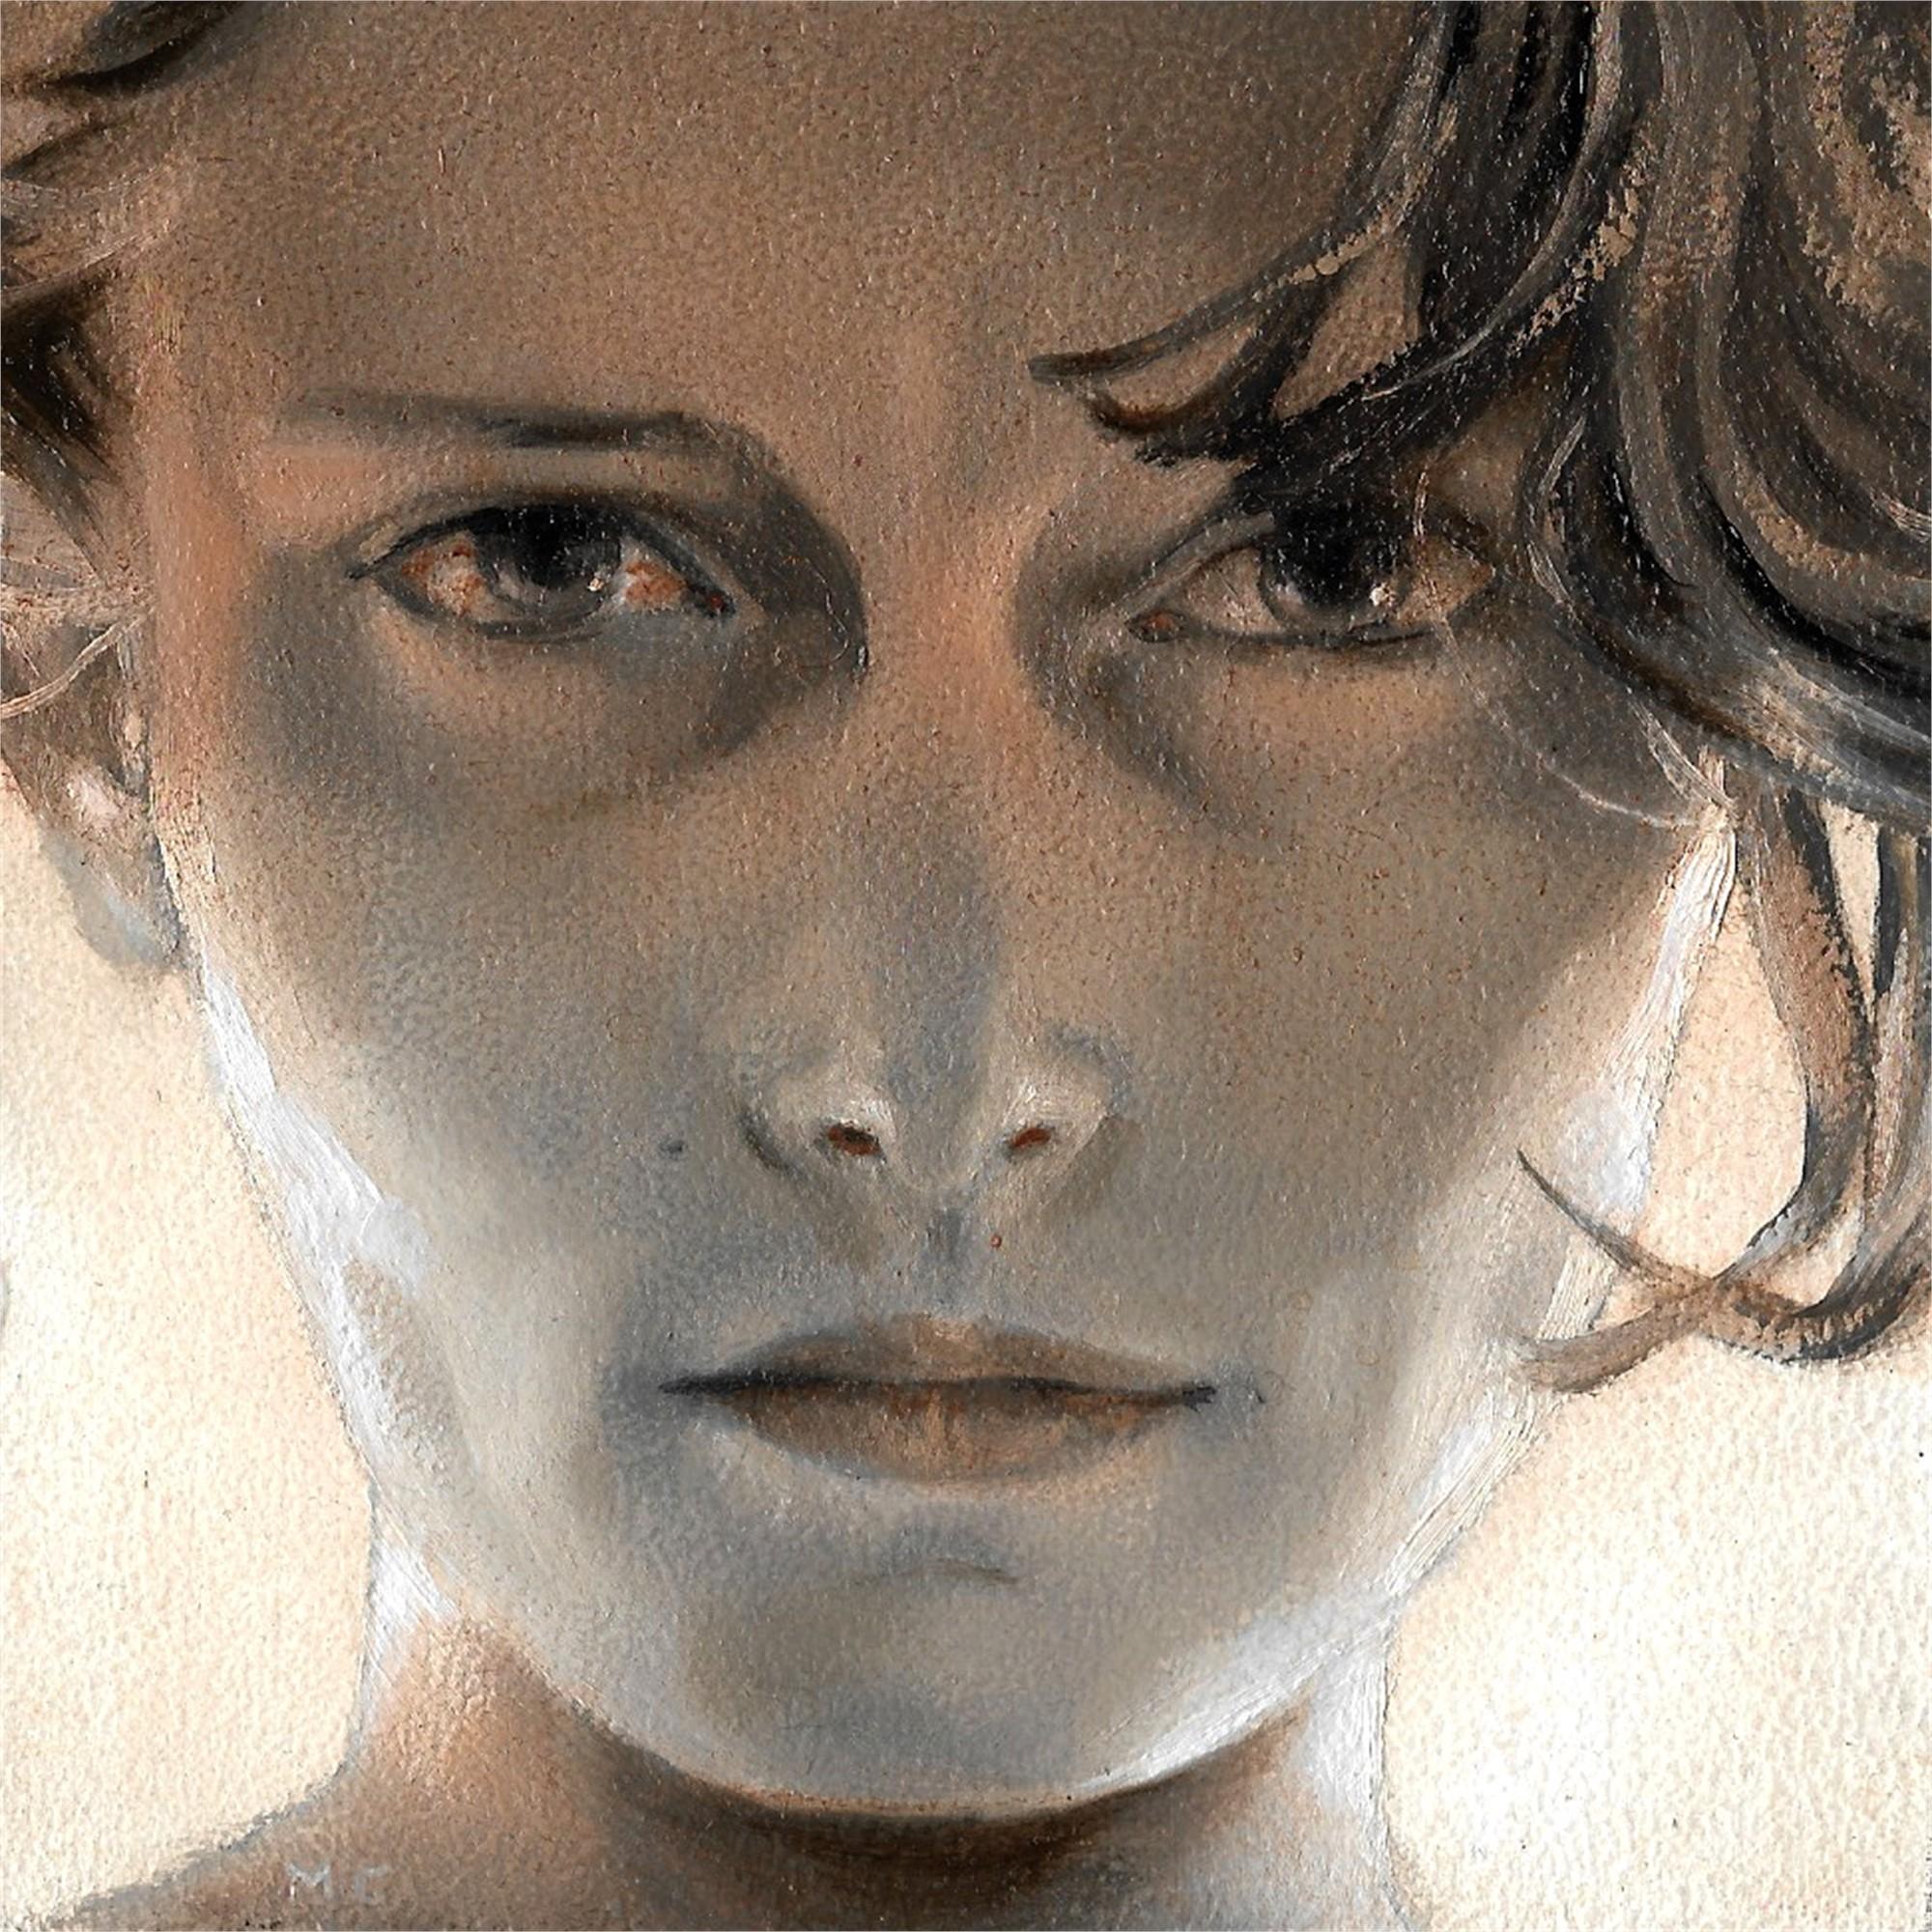 One Eye bloodshot by Mary Chiaramonte